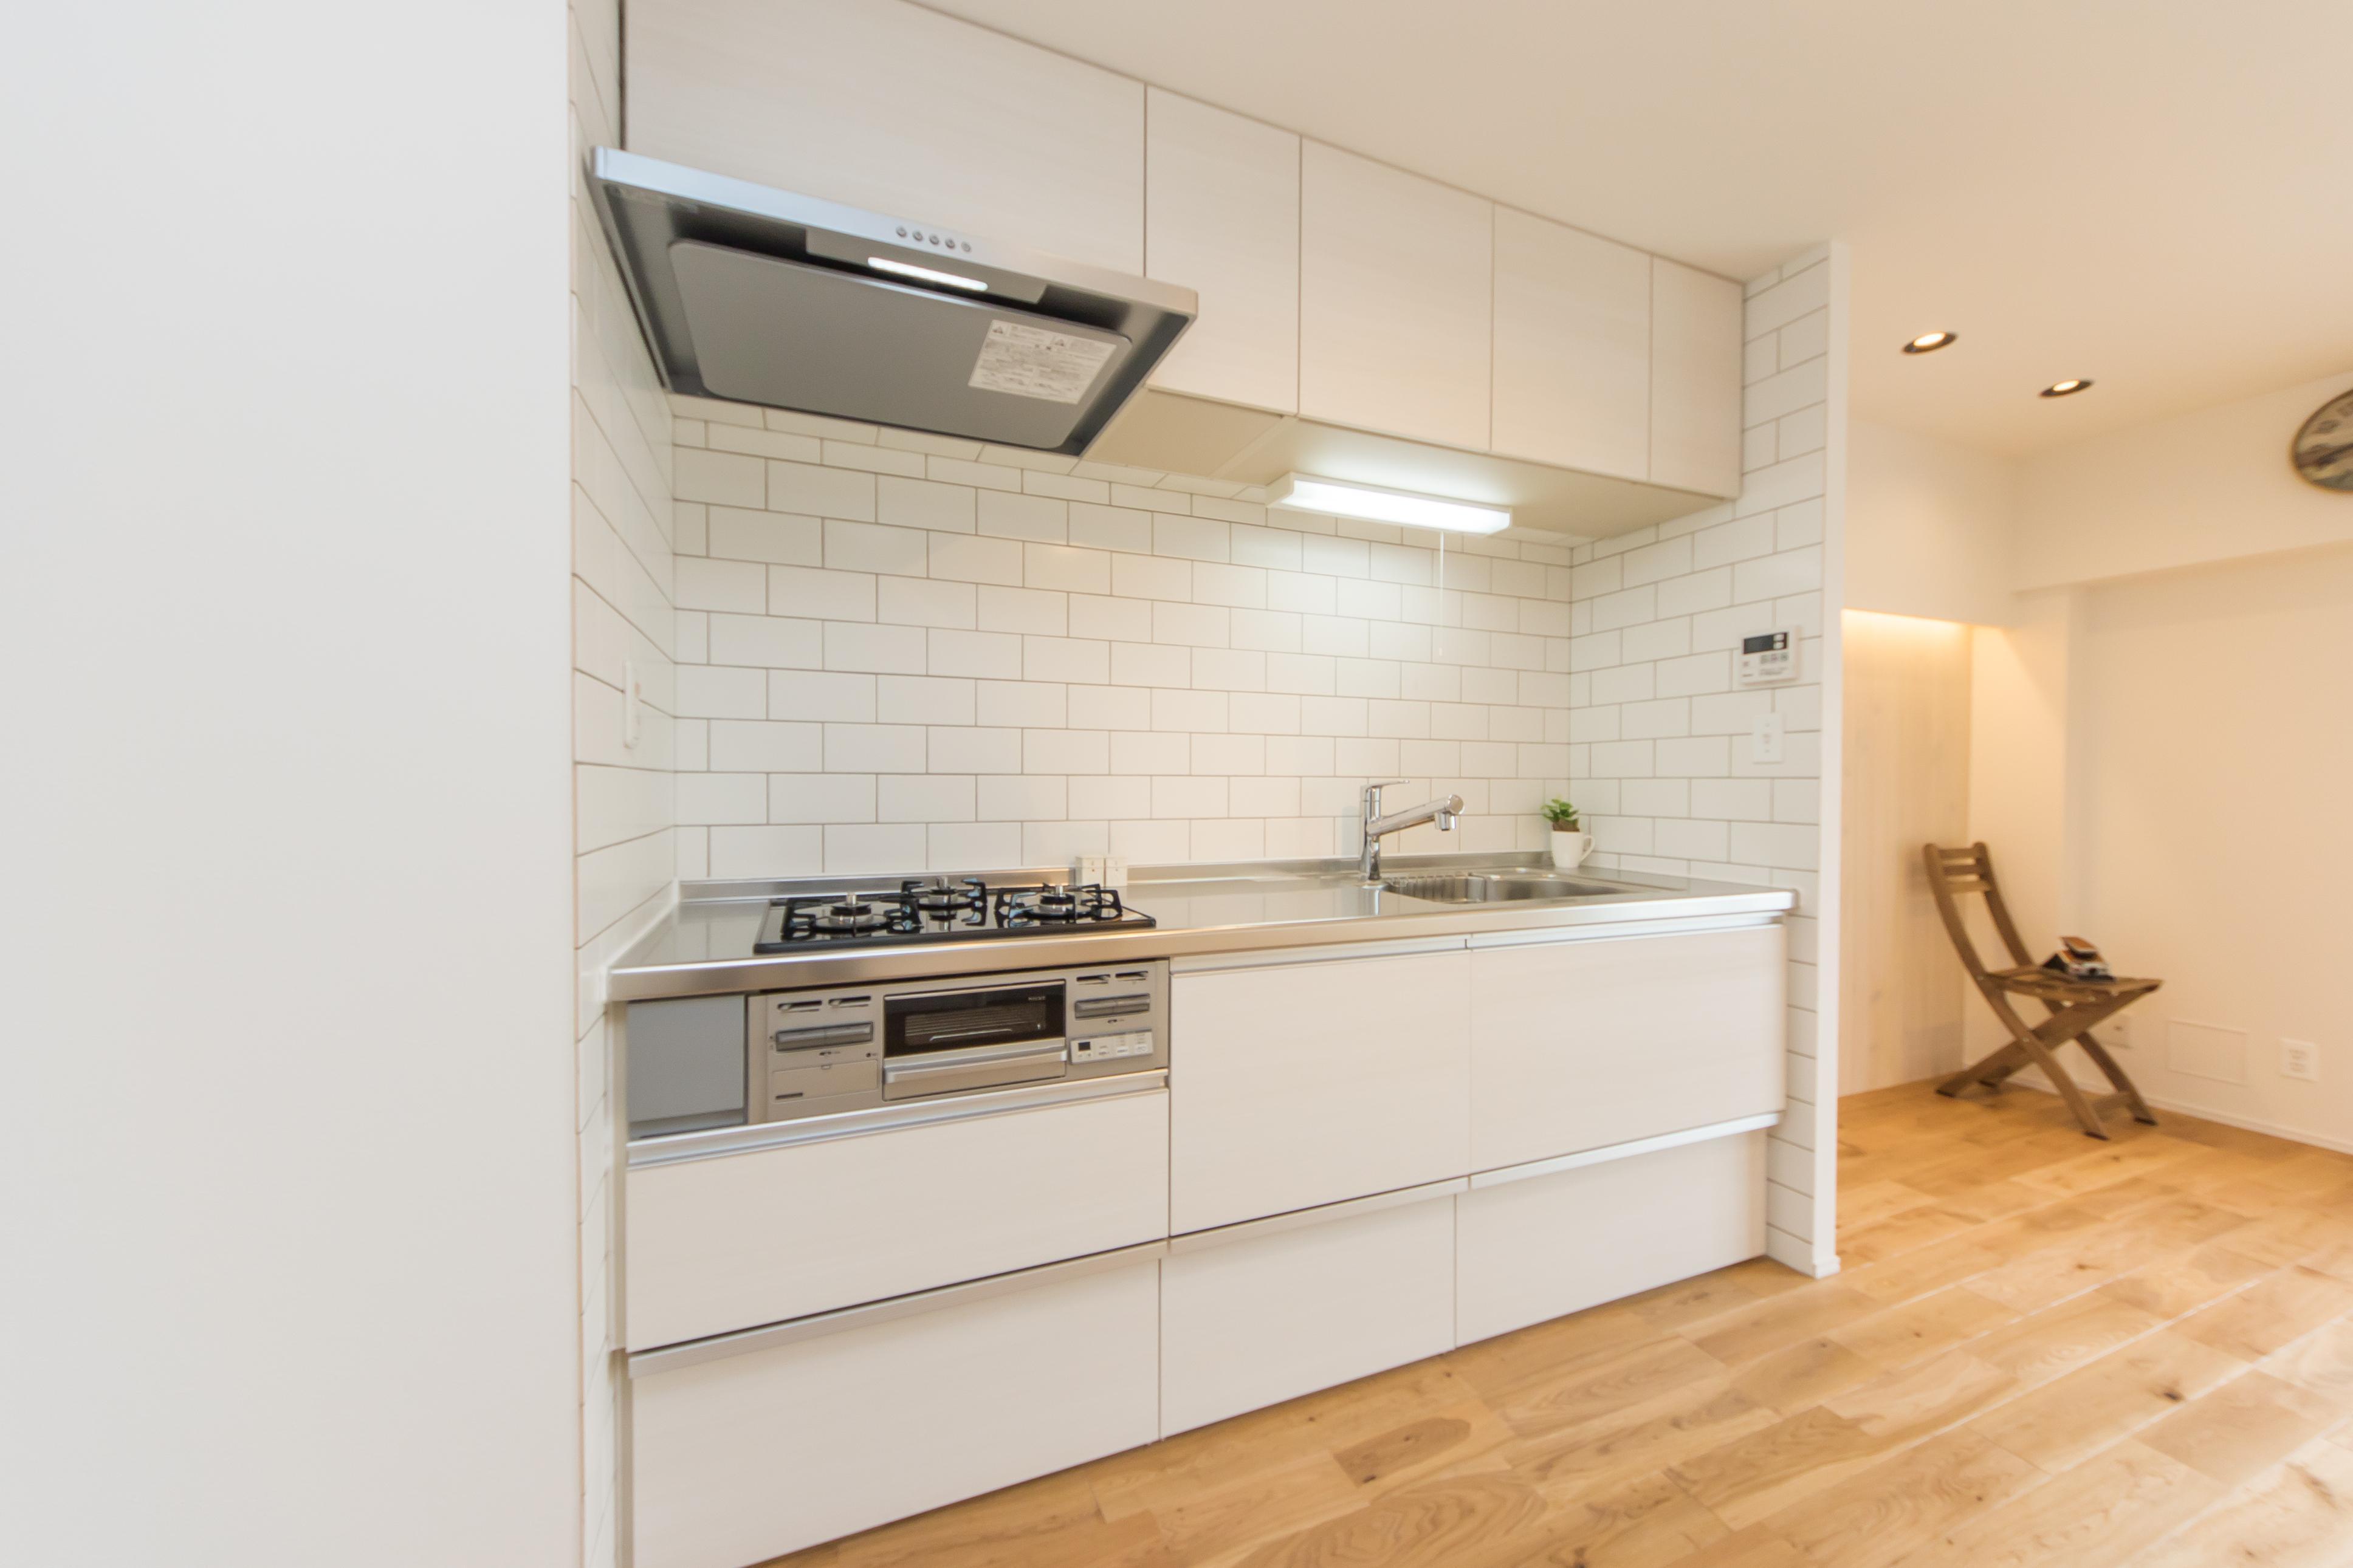 キッチン、ブルックタイル、I型、タイル壁、マンション、リフォーム、一歩